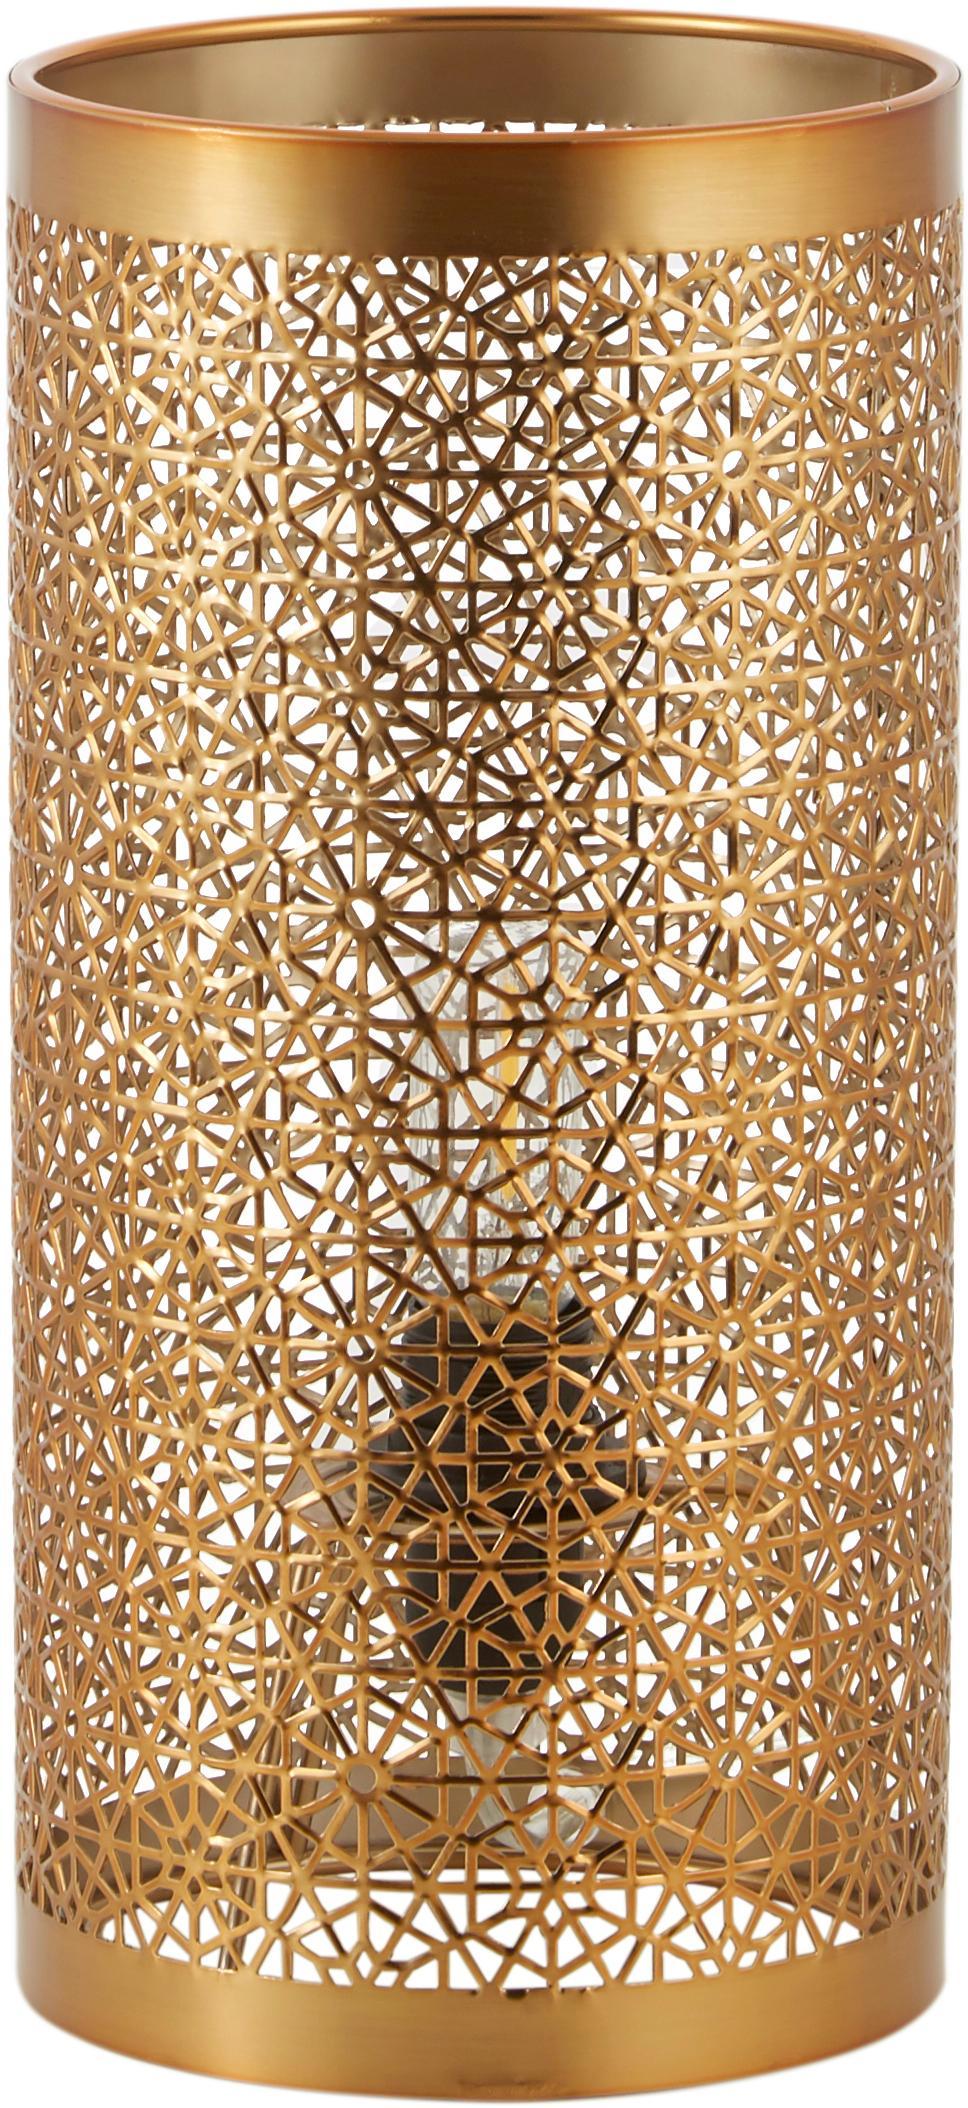 Lampa stołowa Hermine, Mosiądz, Mosiądz, matowy, Ø 14 x 28 cm